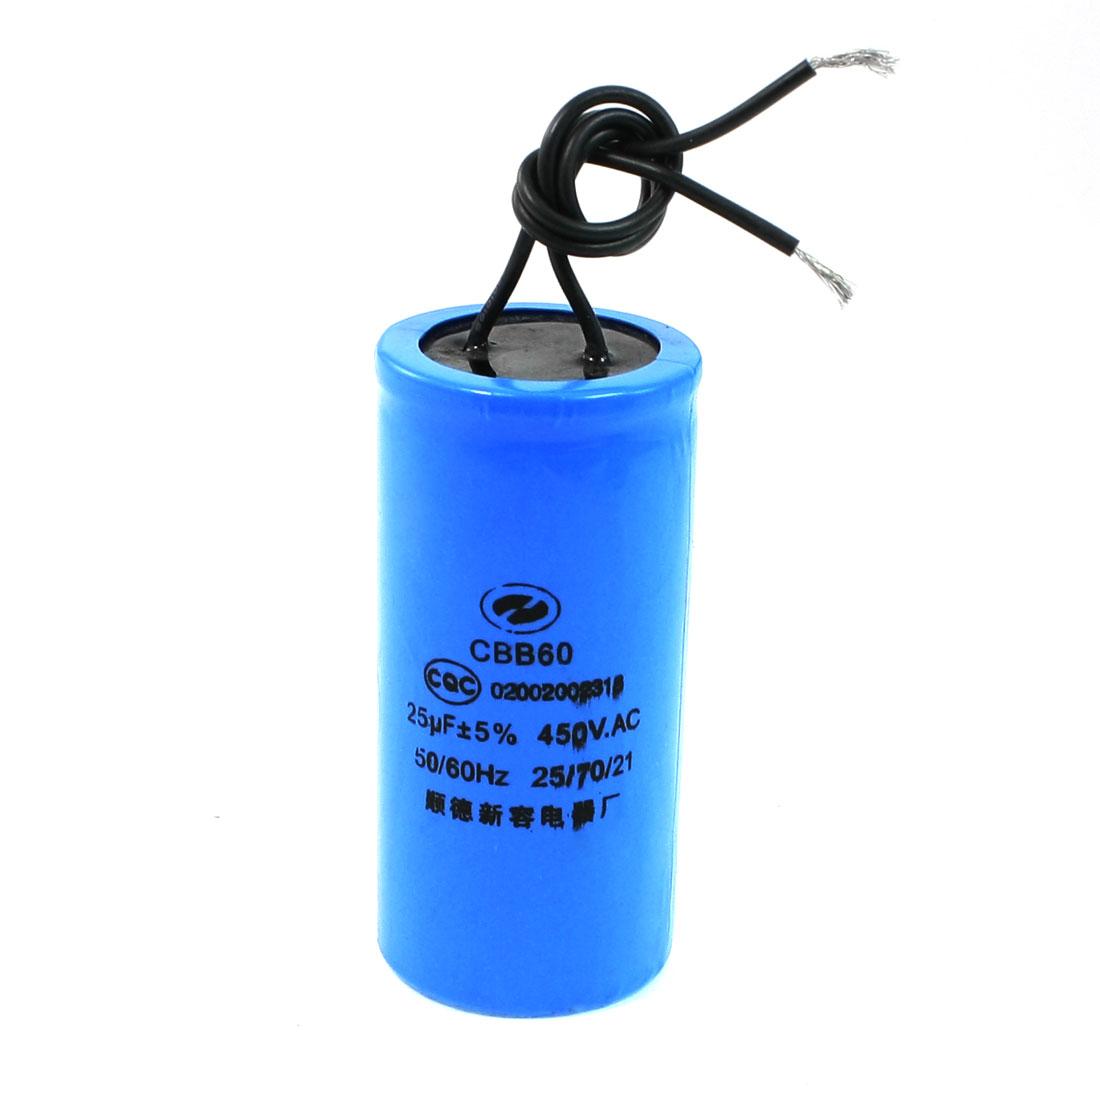 450VAC 25uF 50/60Hz Aluminum Electrolytic Capacitor CBB60 w 17cm Cable